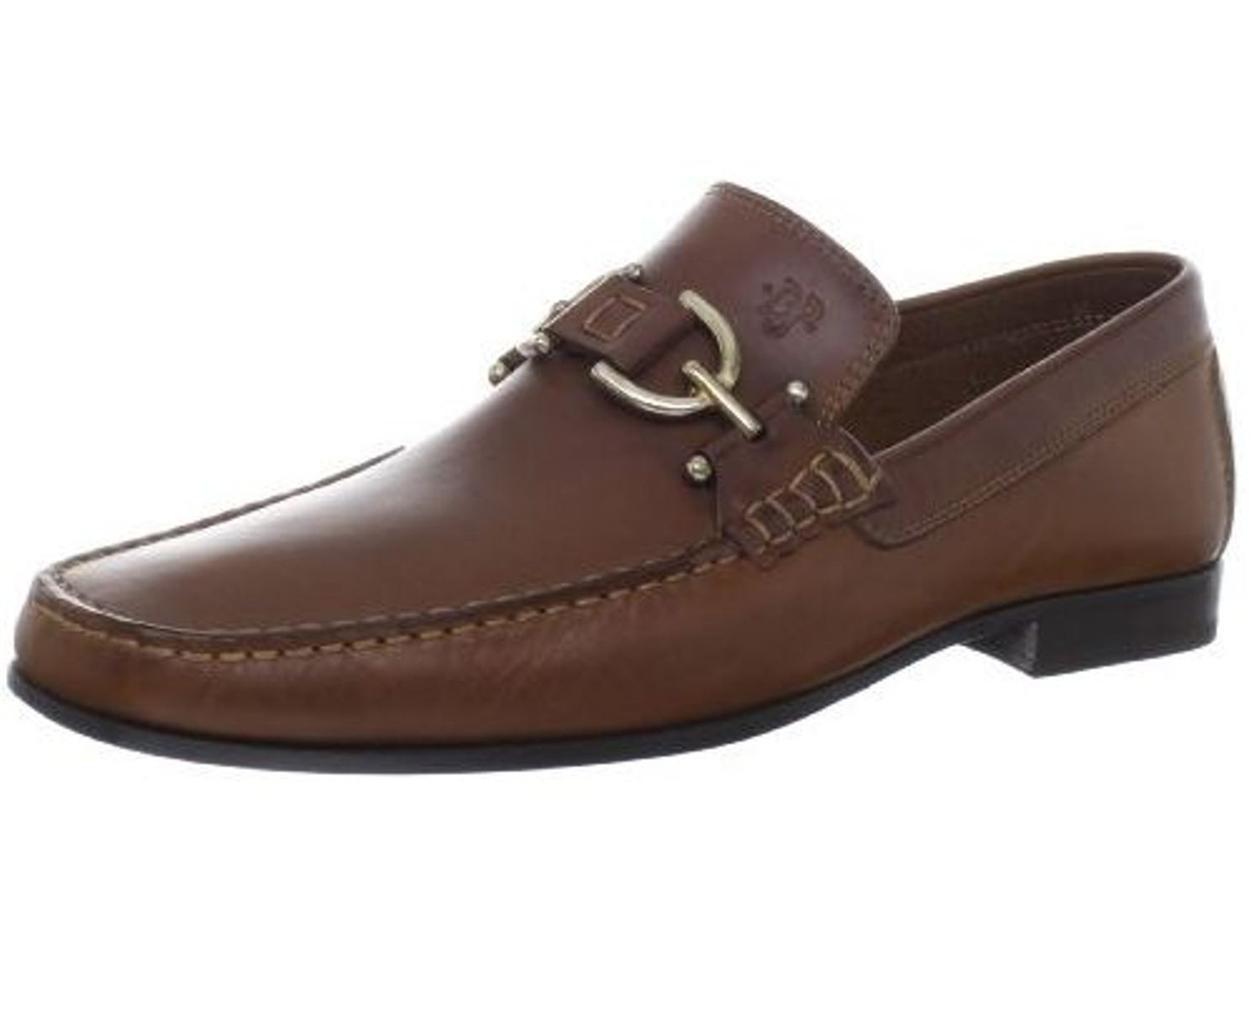 mens shoes donald j pliner dacio d9 moccasin loafer slip